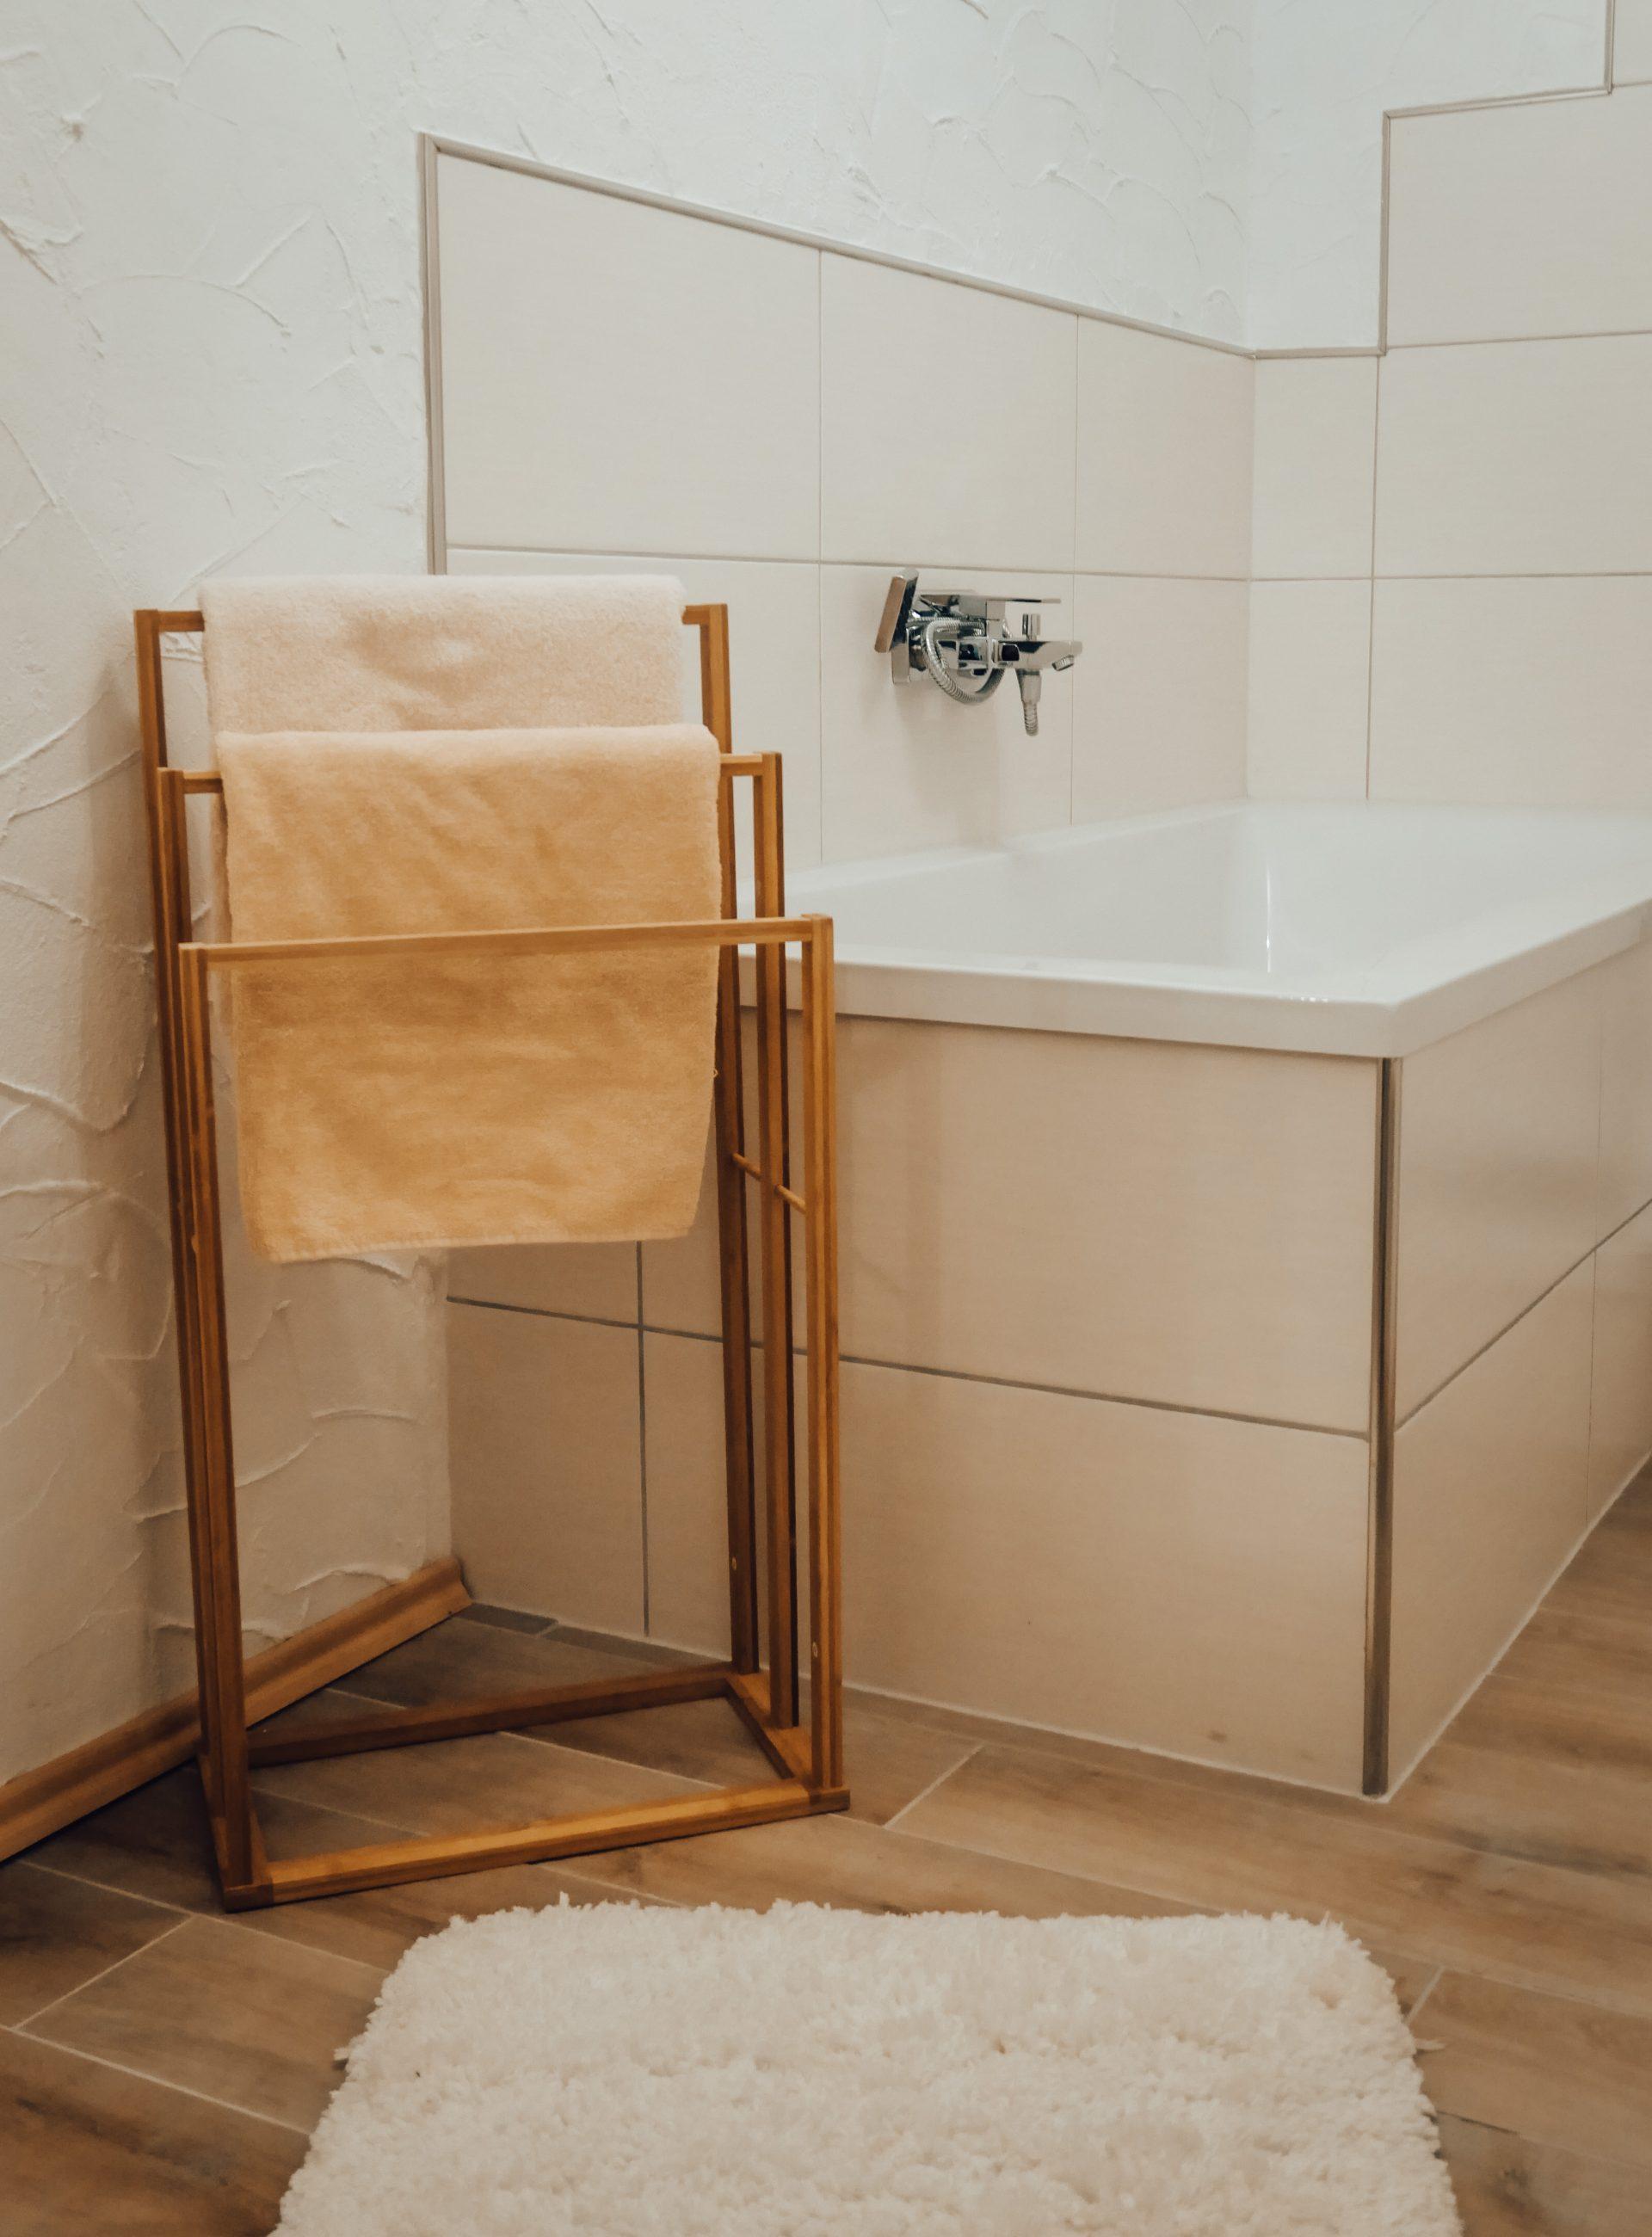 Zimmer in Lindlar » Bellevue im Bergischen Land » Badewanne und Handtuchständer